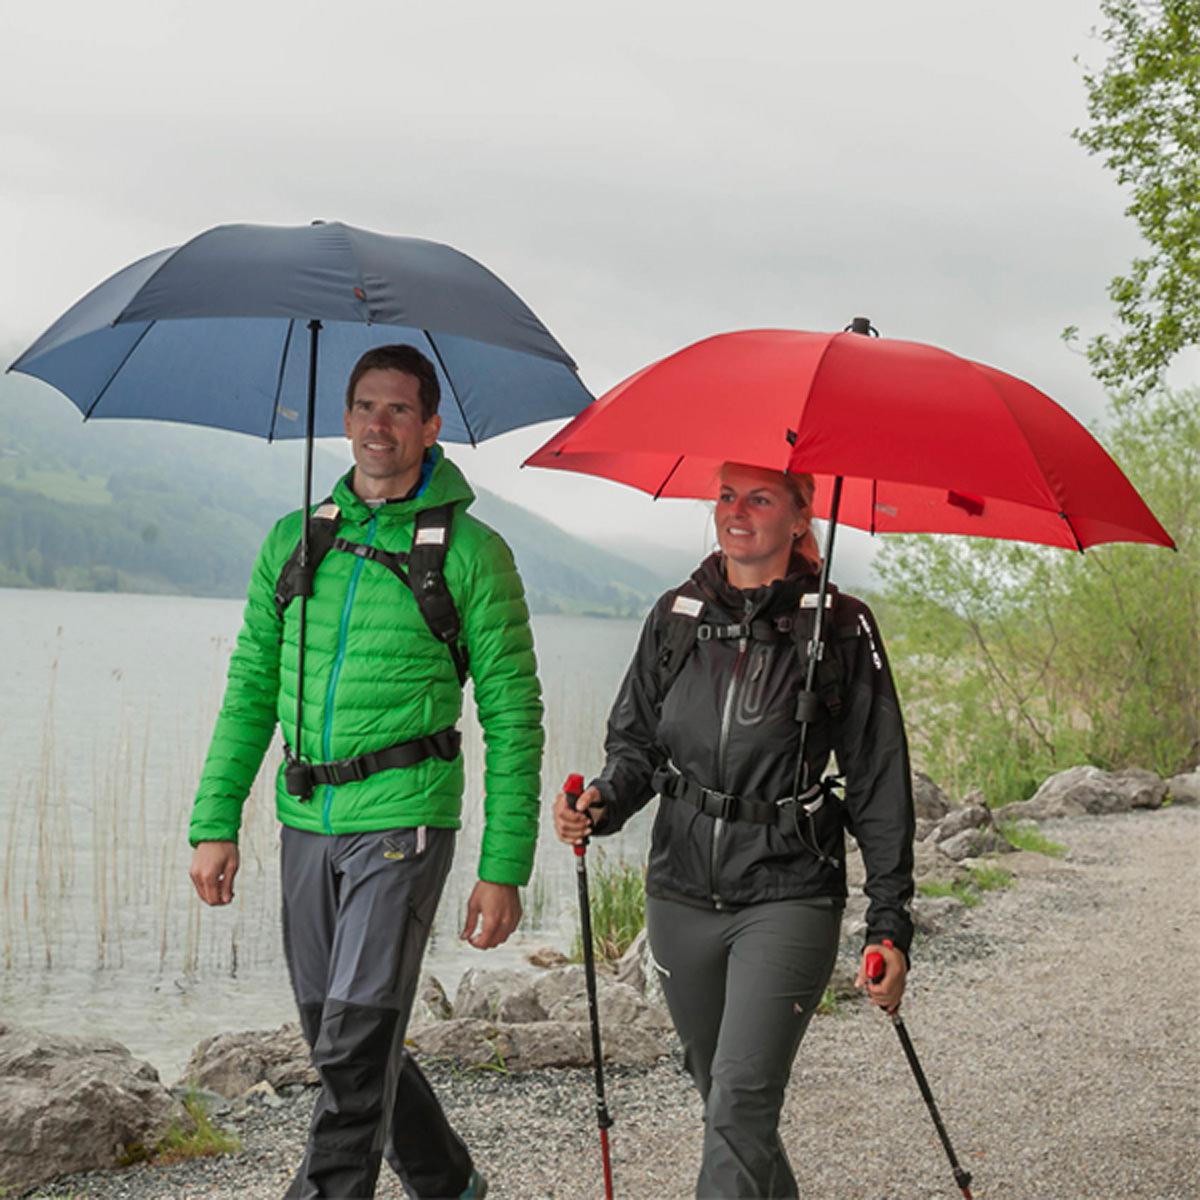 geschenke-fuer-wanderer-handfreier-regenschirm